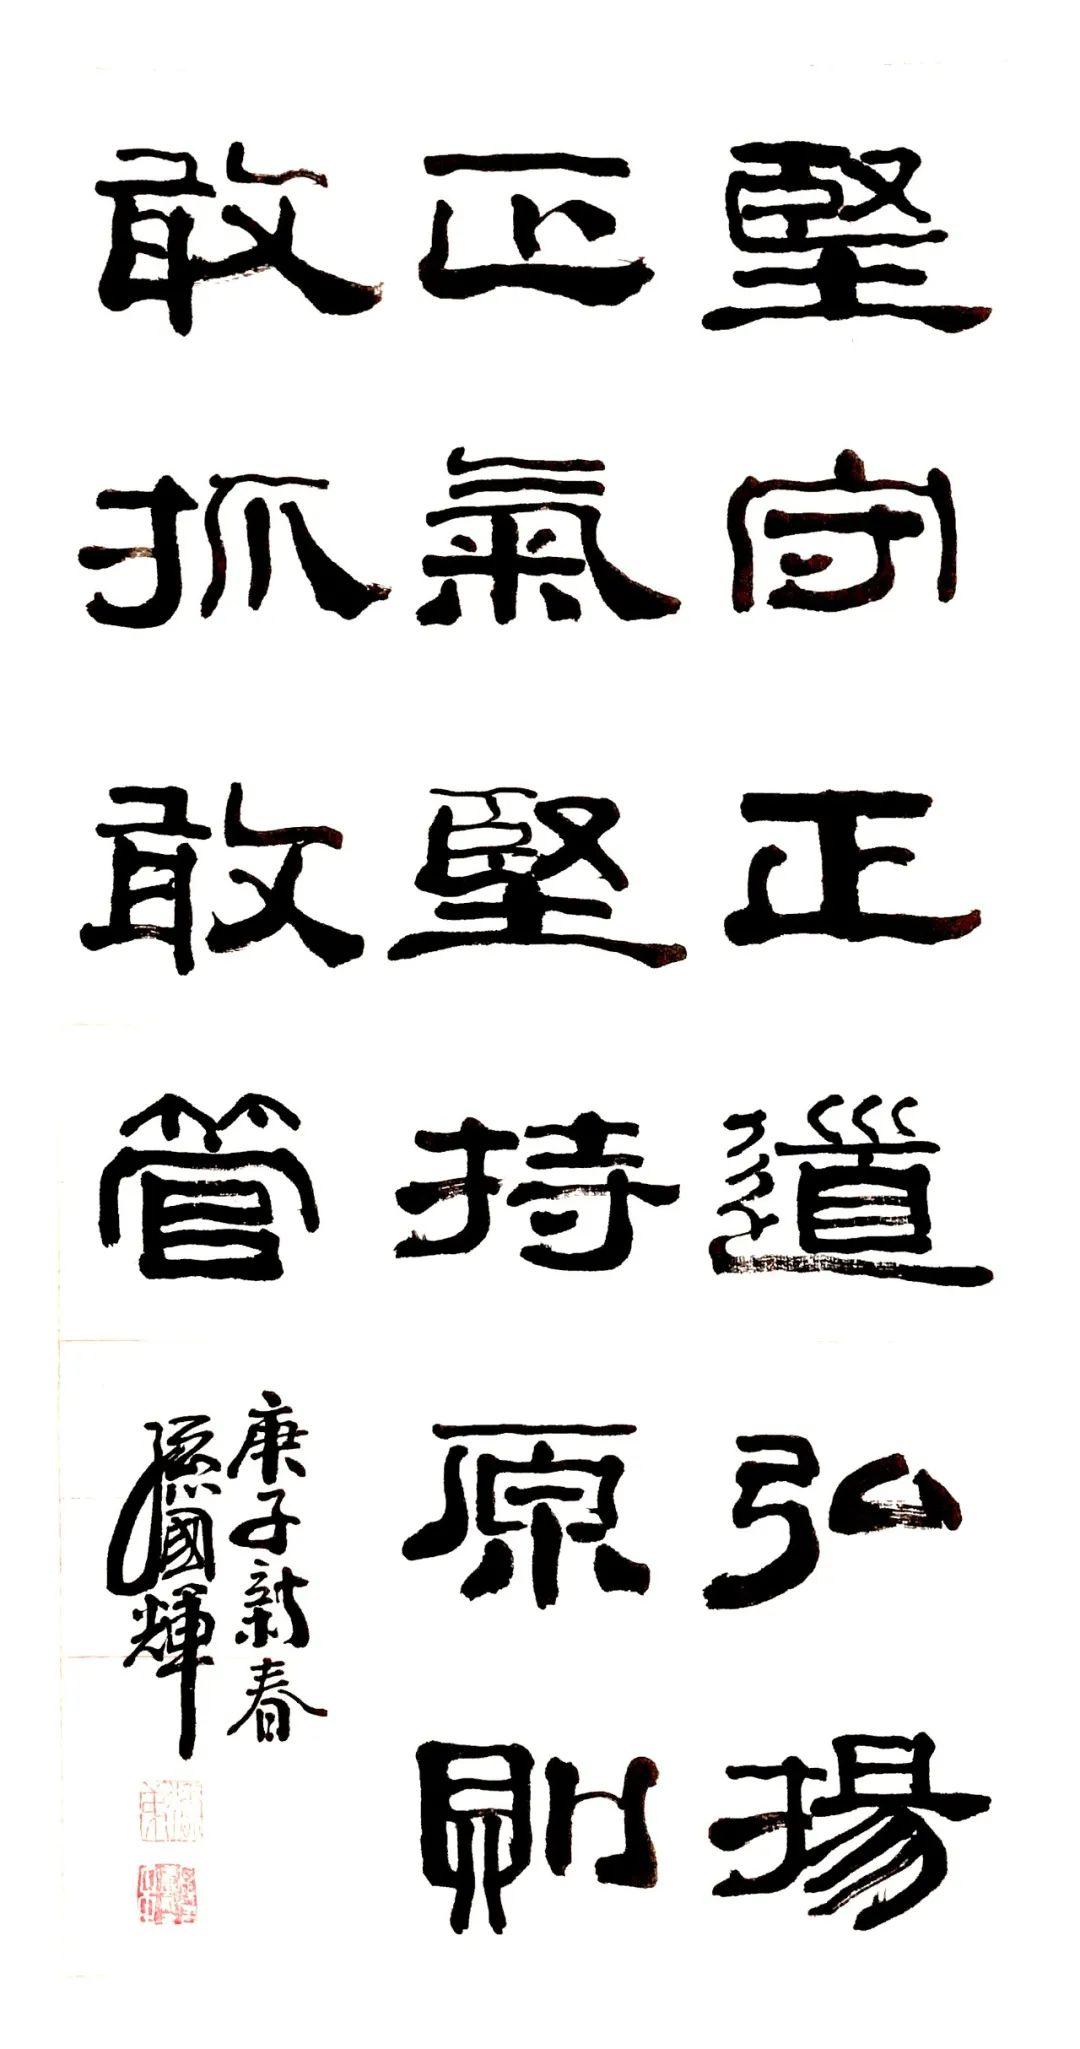 3. 竖弯钩 横折弯钩作为独体字的最后一笔,用在合体字左侧时,写成竖提 横折提